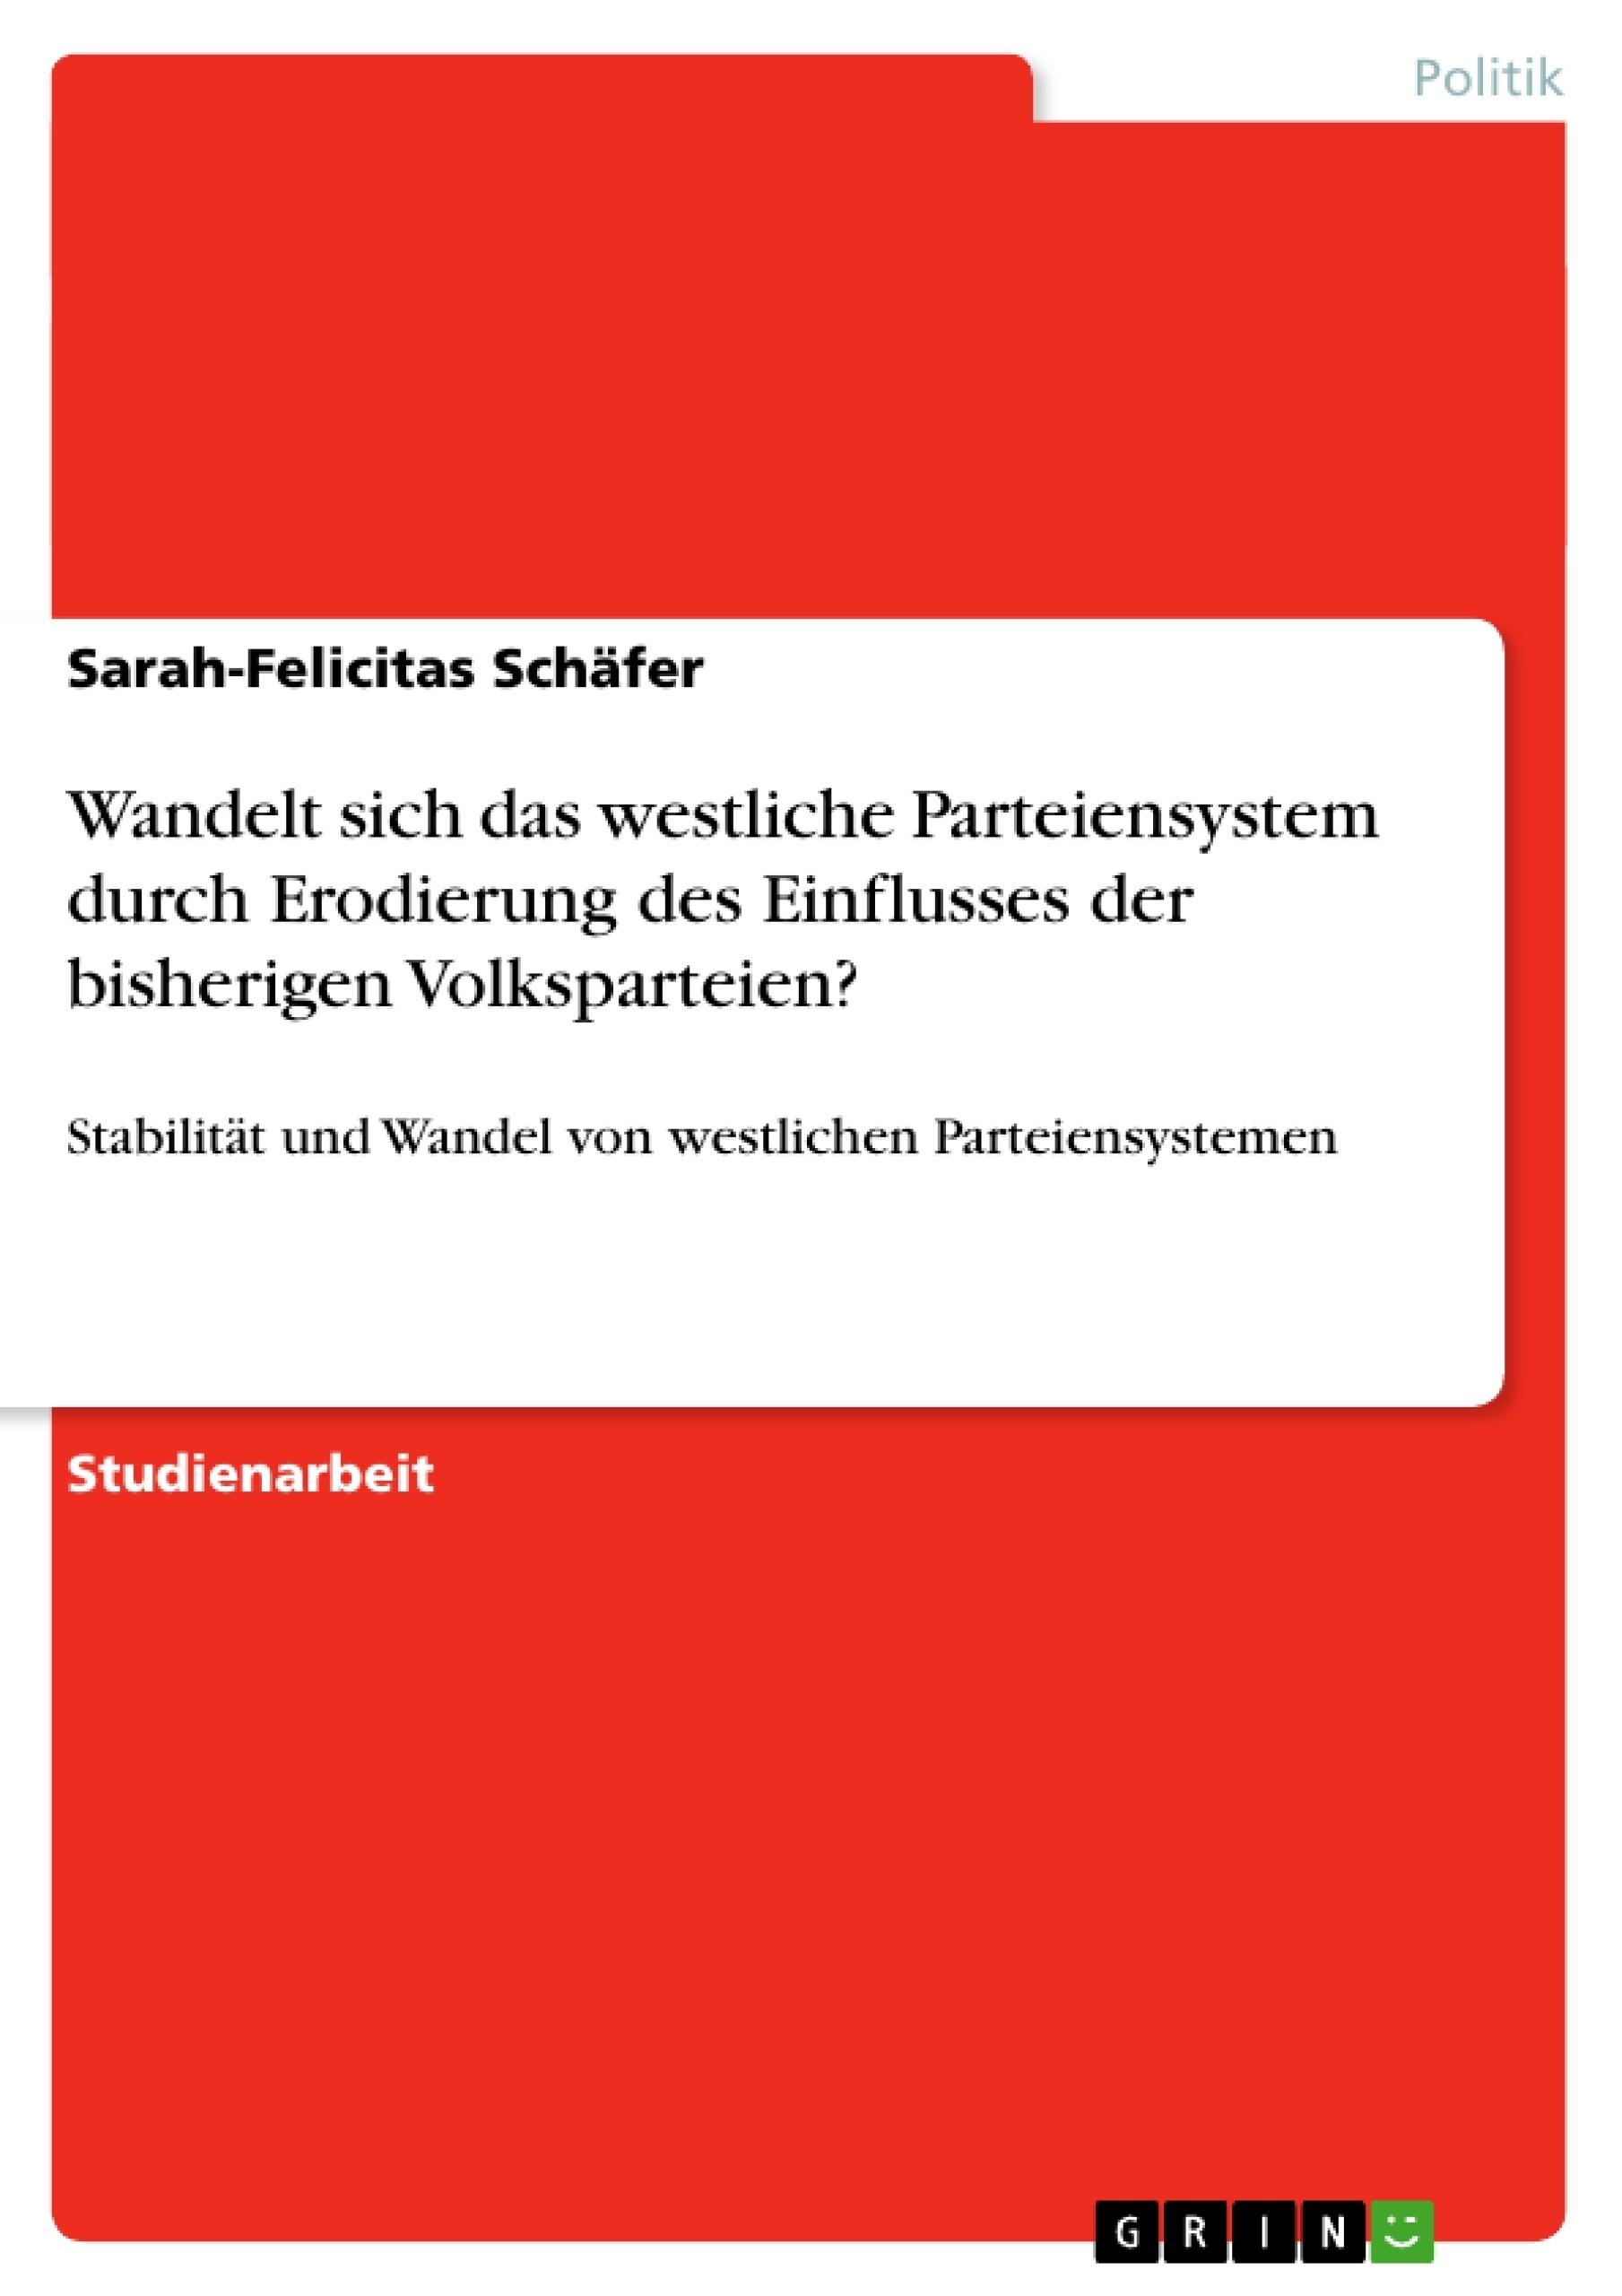 Titel: Wandelt sich das westliche Parteiensystem durch Erodierung des Einflusses der bisherigen Volksparteien?